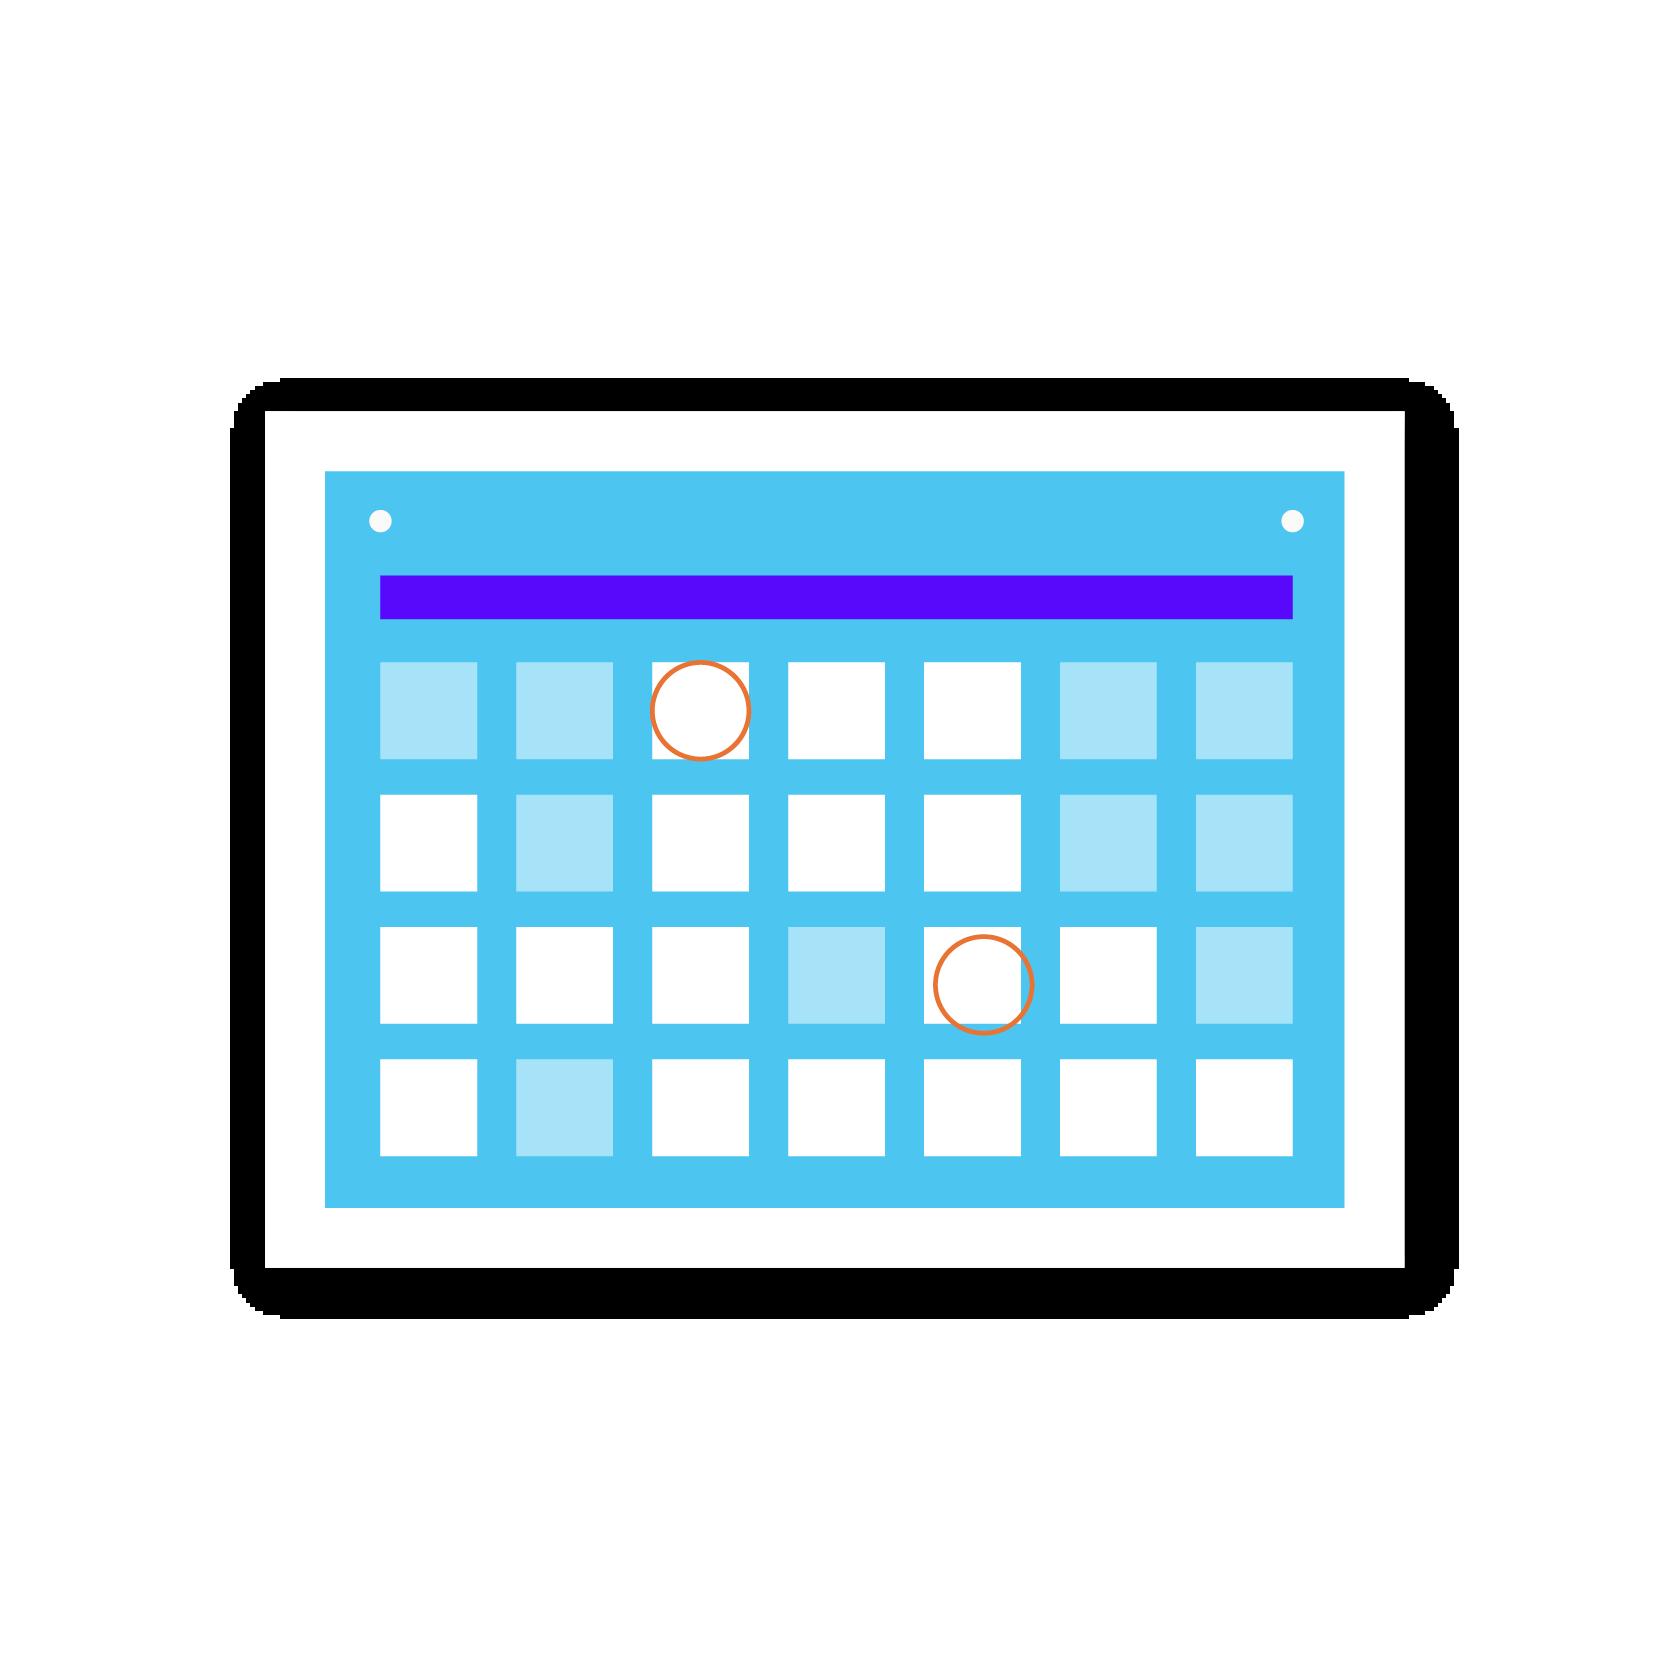 A blue calendar sticker